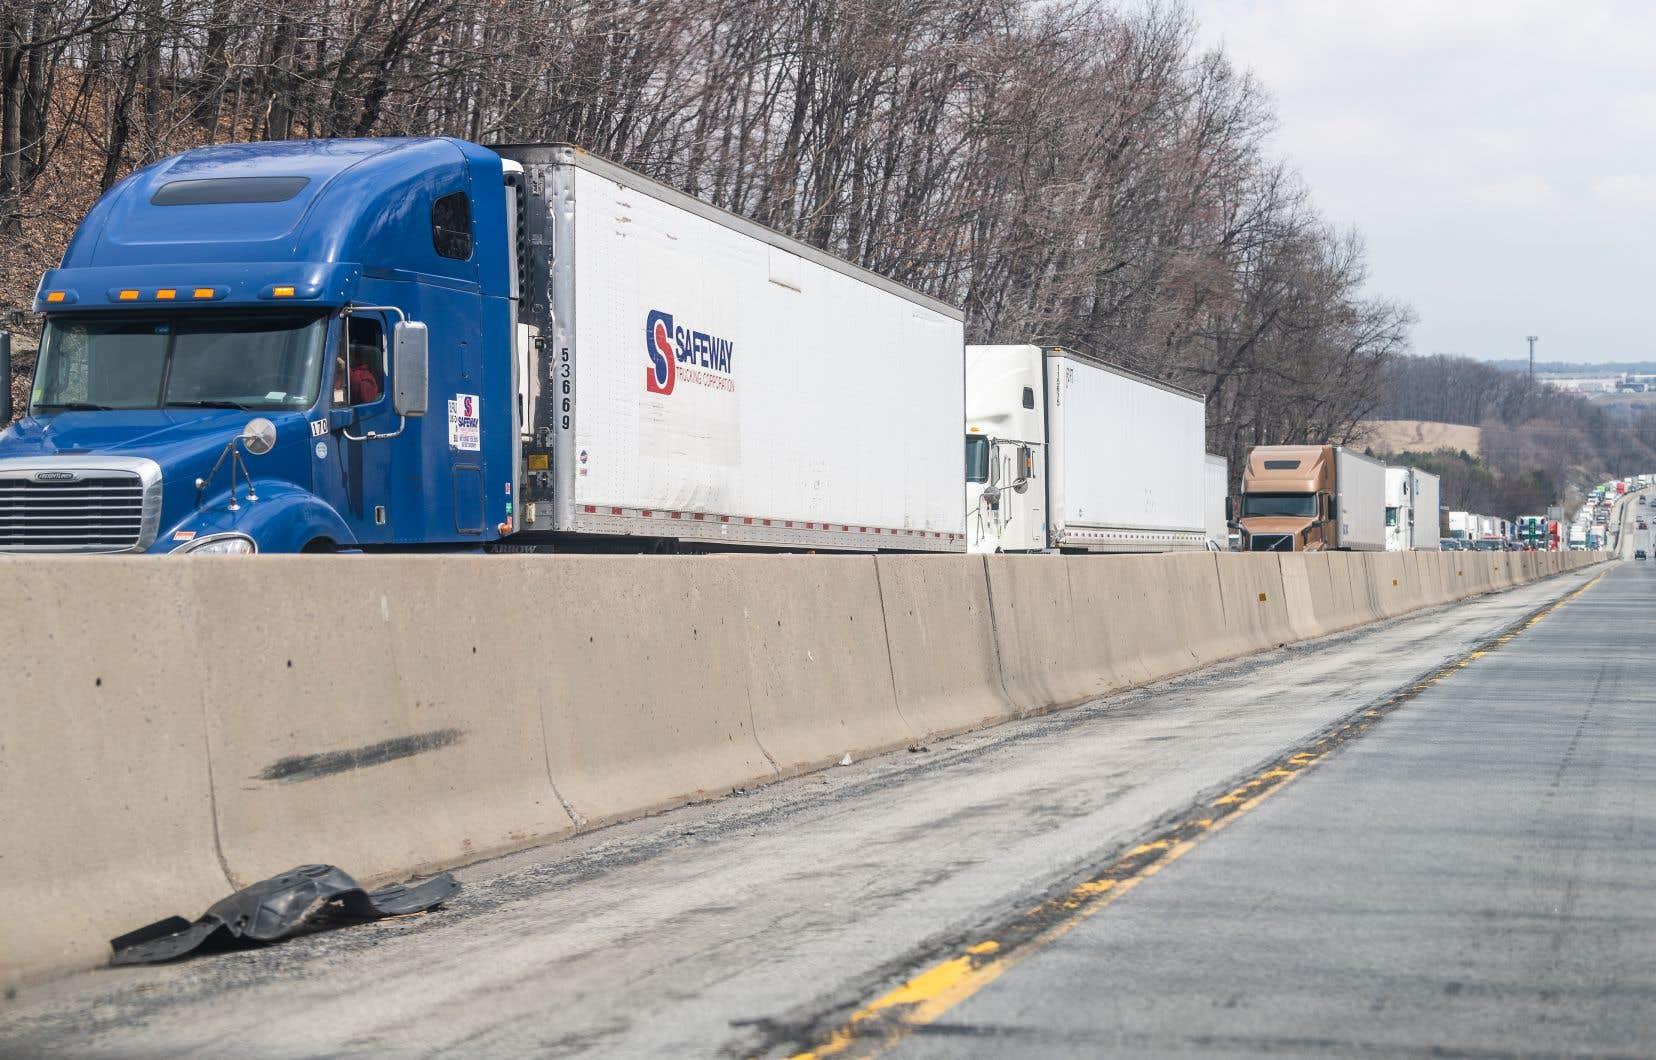 L'IA est utilisée pour développer des outils afin de mieux prévoir le transport des marchandises, contribuant ainsi à réduire la congestion routière.